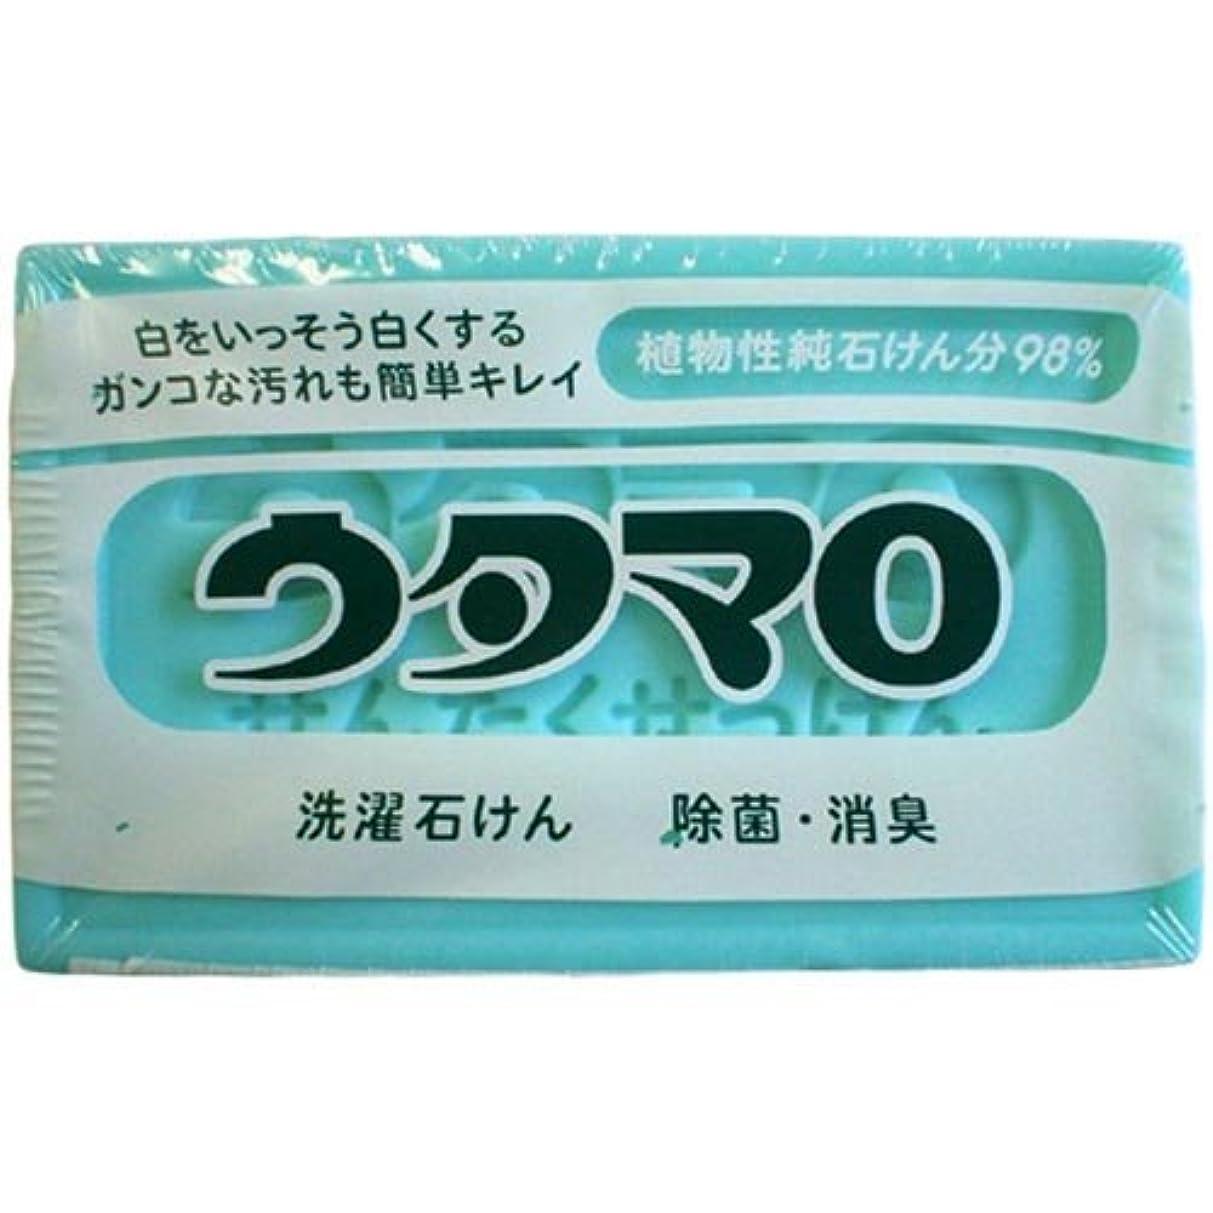 同性愛者共和党ツール東邦 ウタマロ マホー石鹸 3個セット TO-SE3